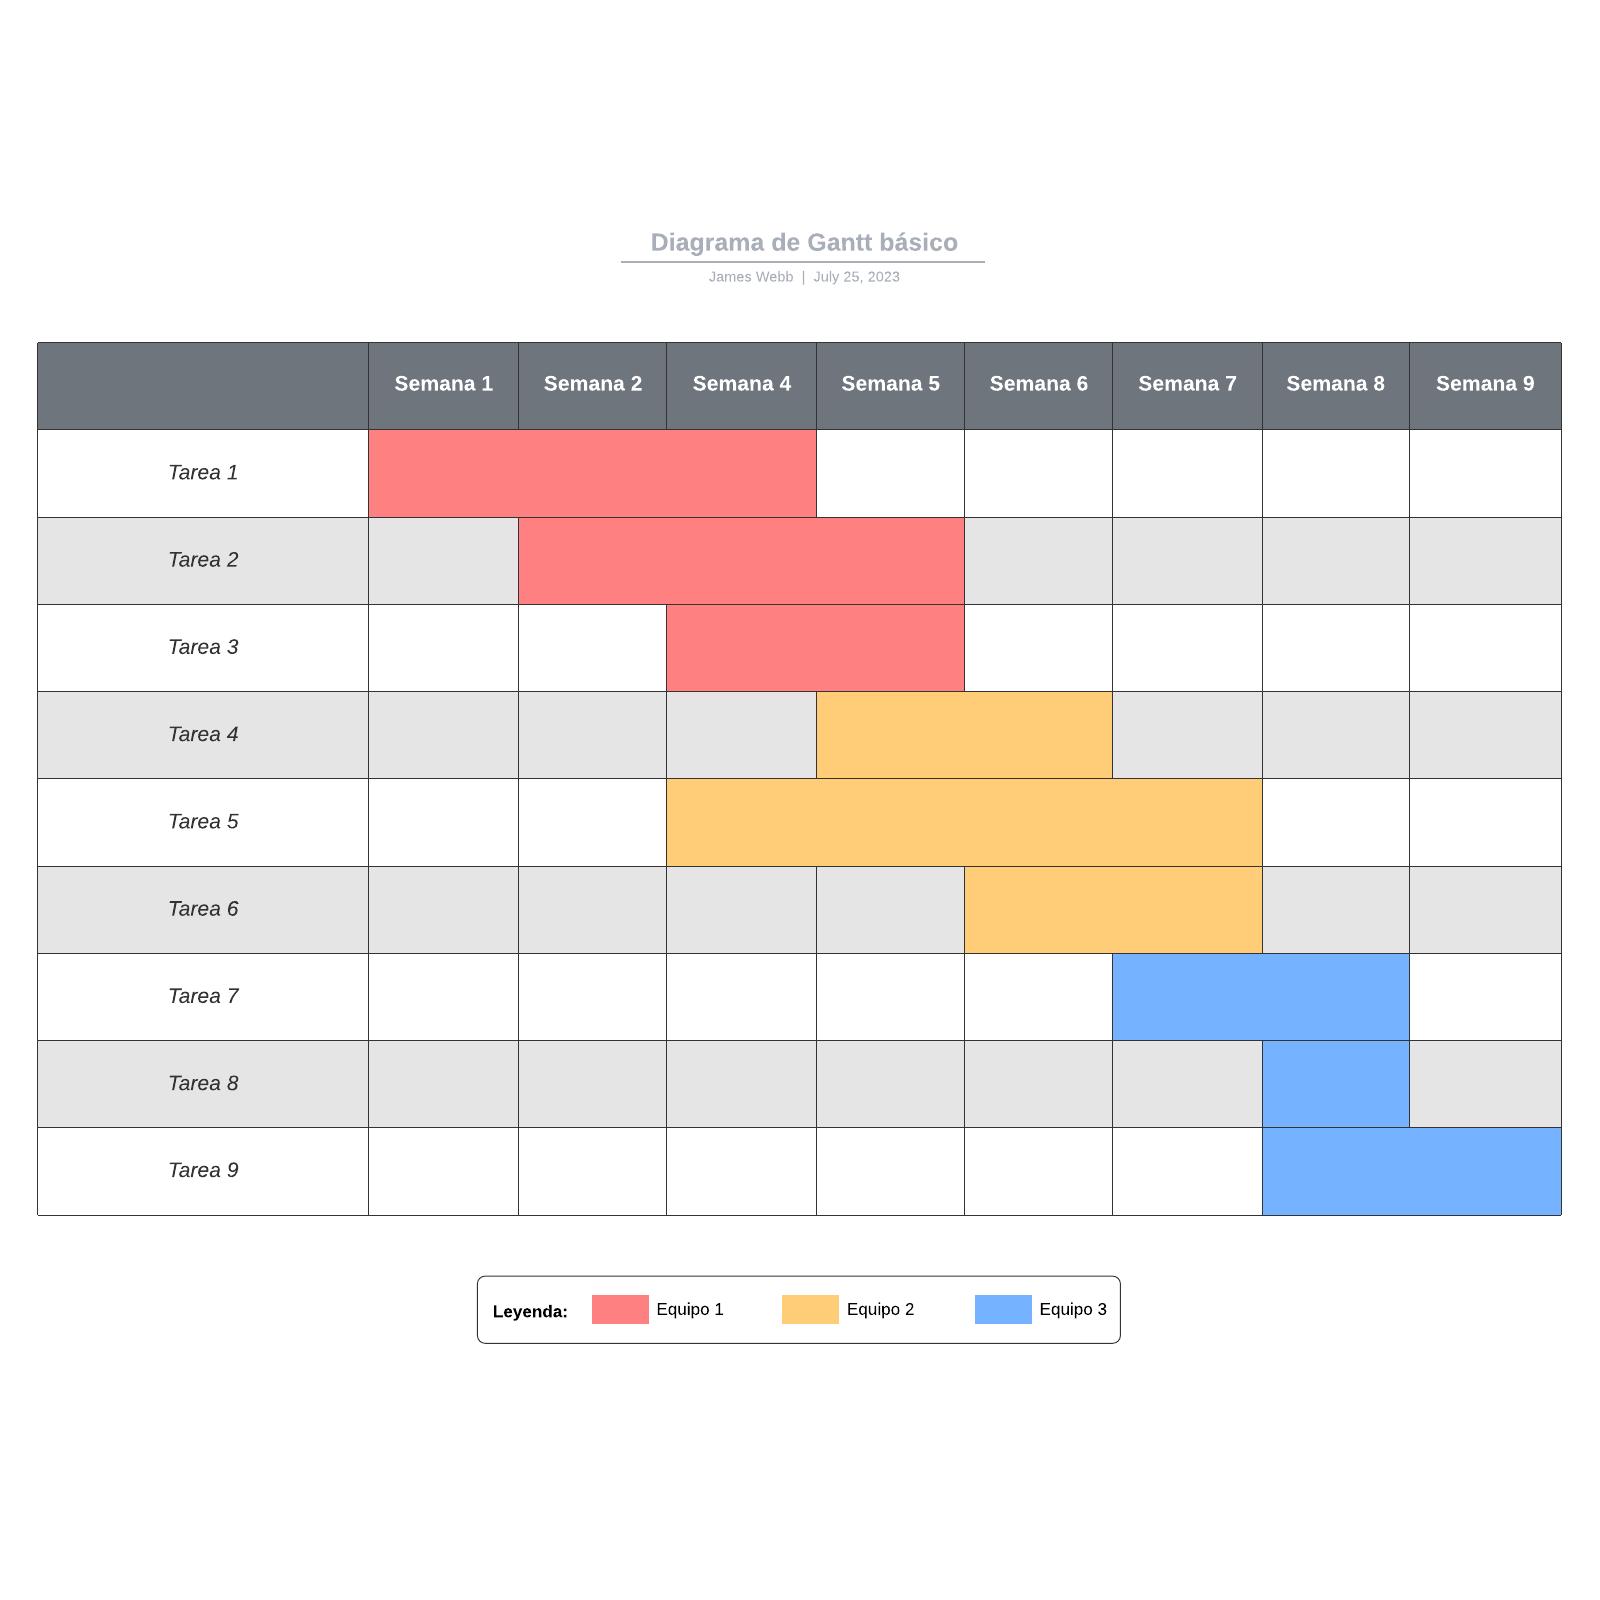 Diagrama de Gantt básico